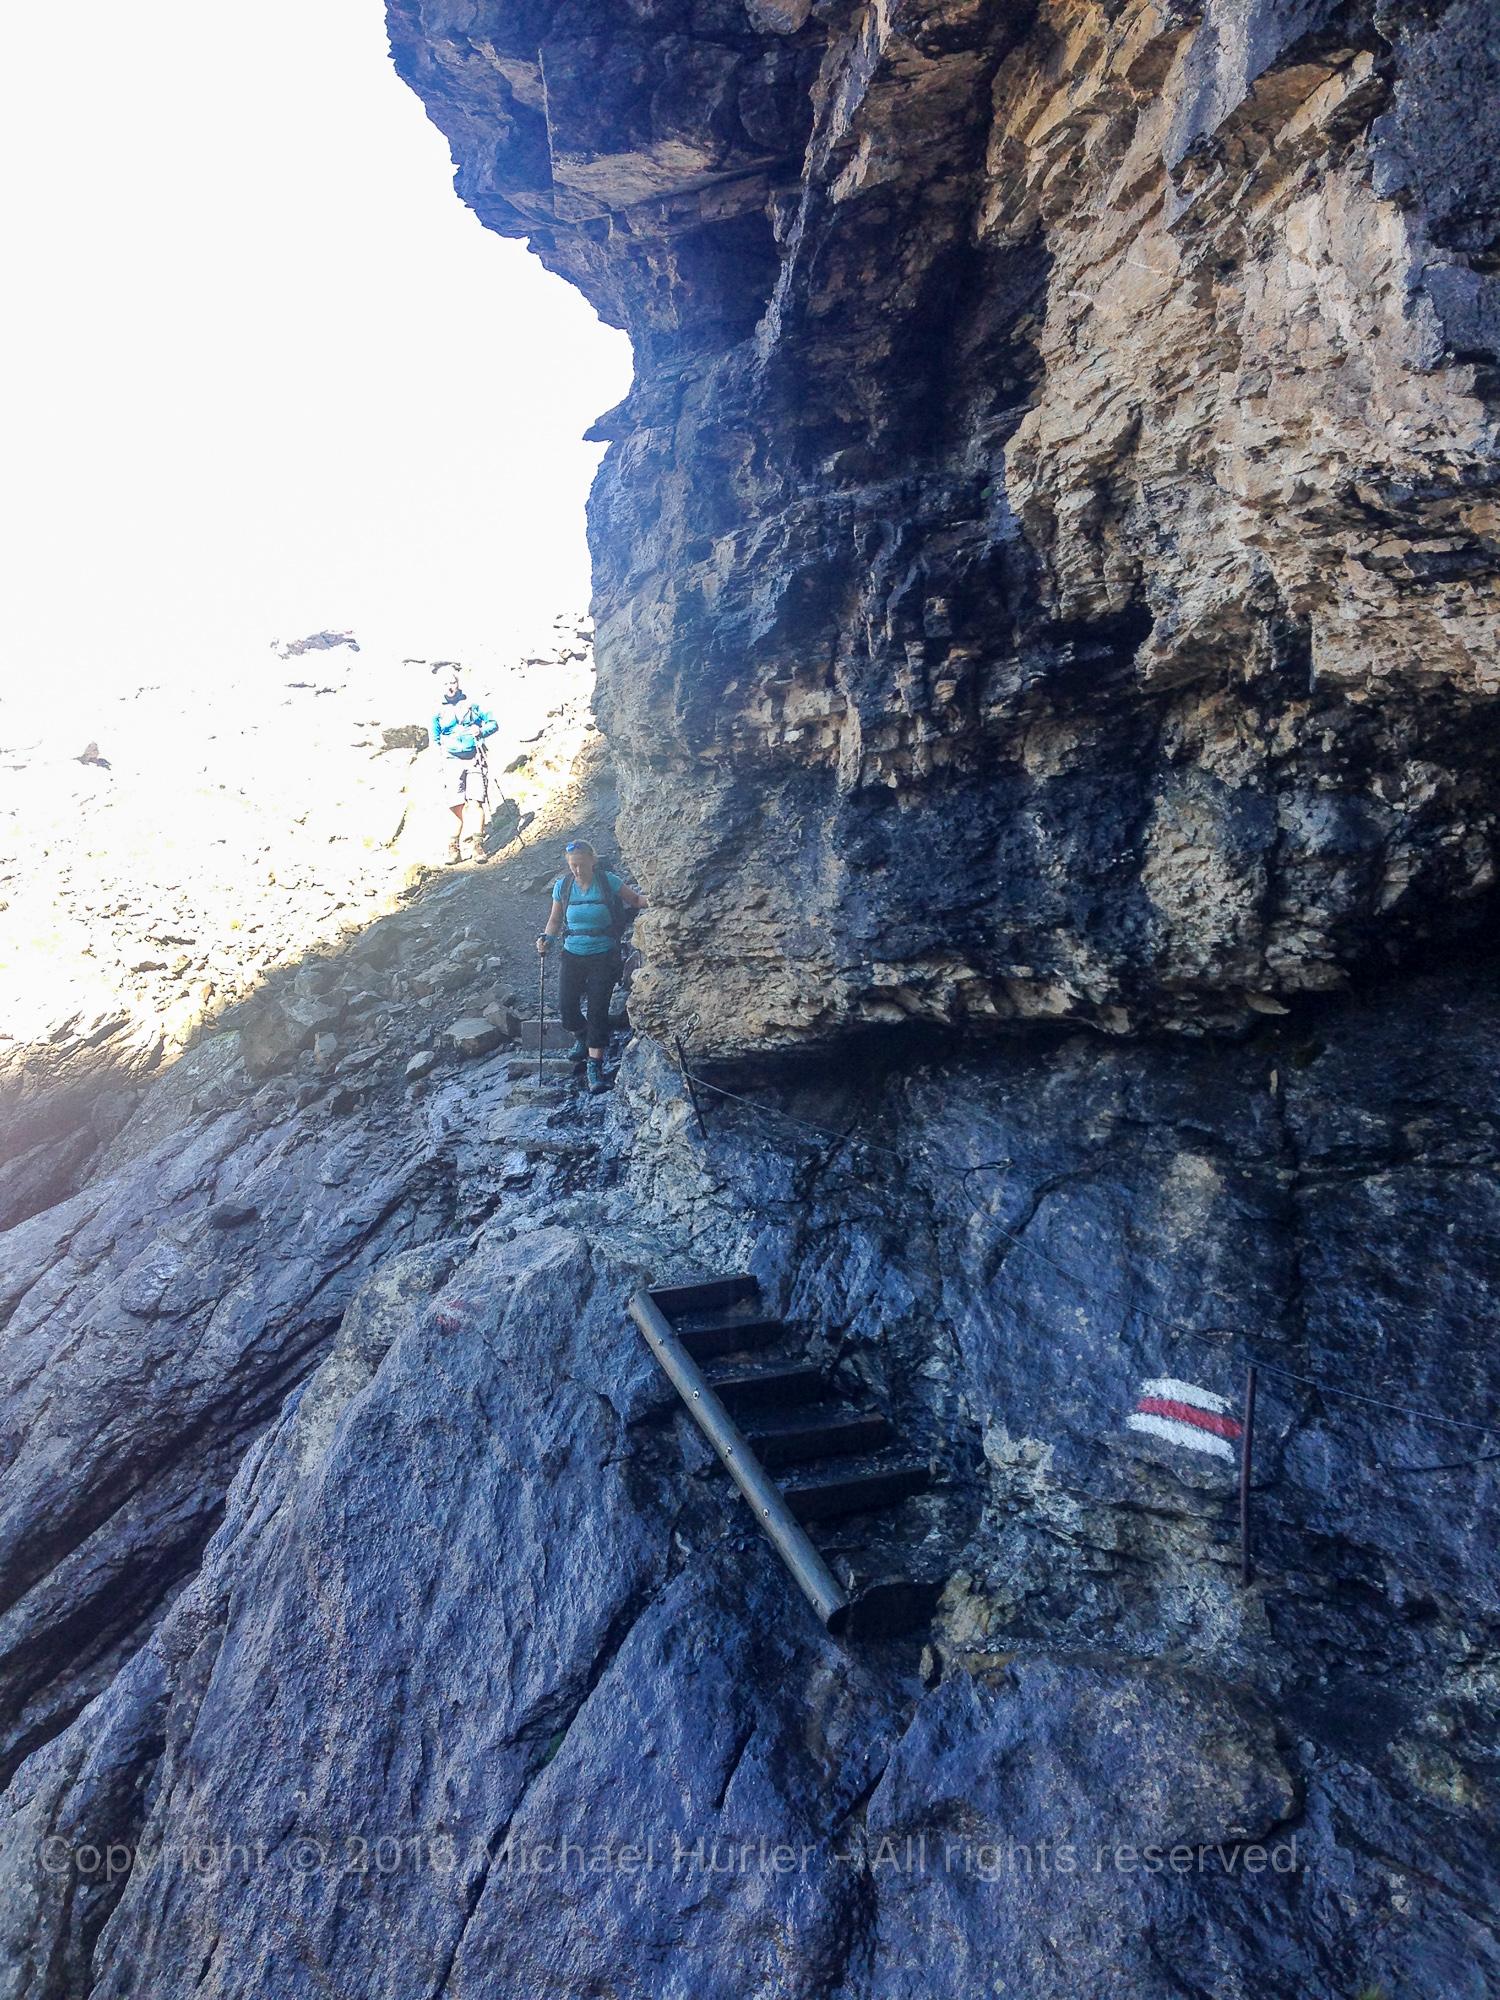 19.08.2016, Bärentrek - Von Mürren nach Kandersteg, Von der Sefinenfurrge zur Gspaltenhornhütte